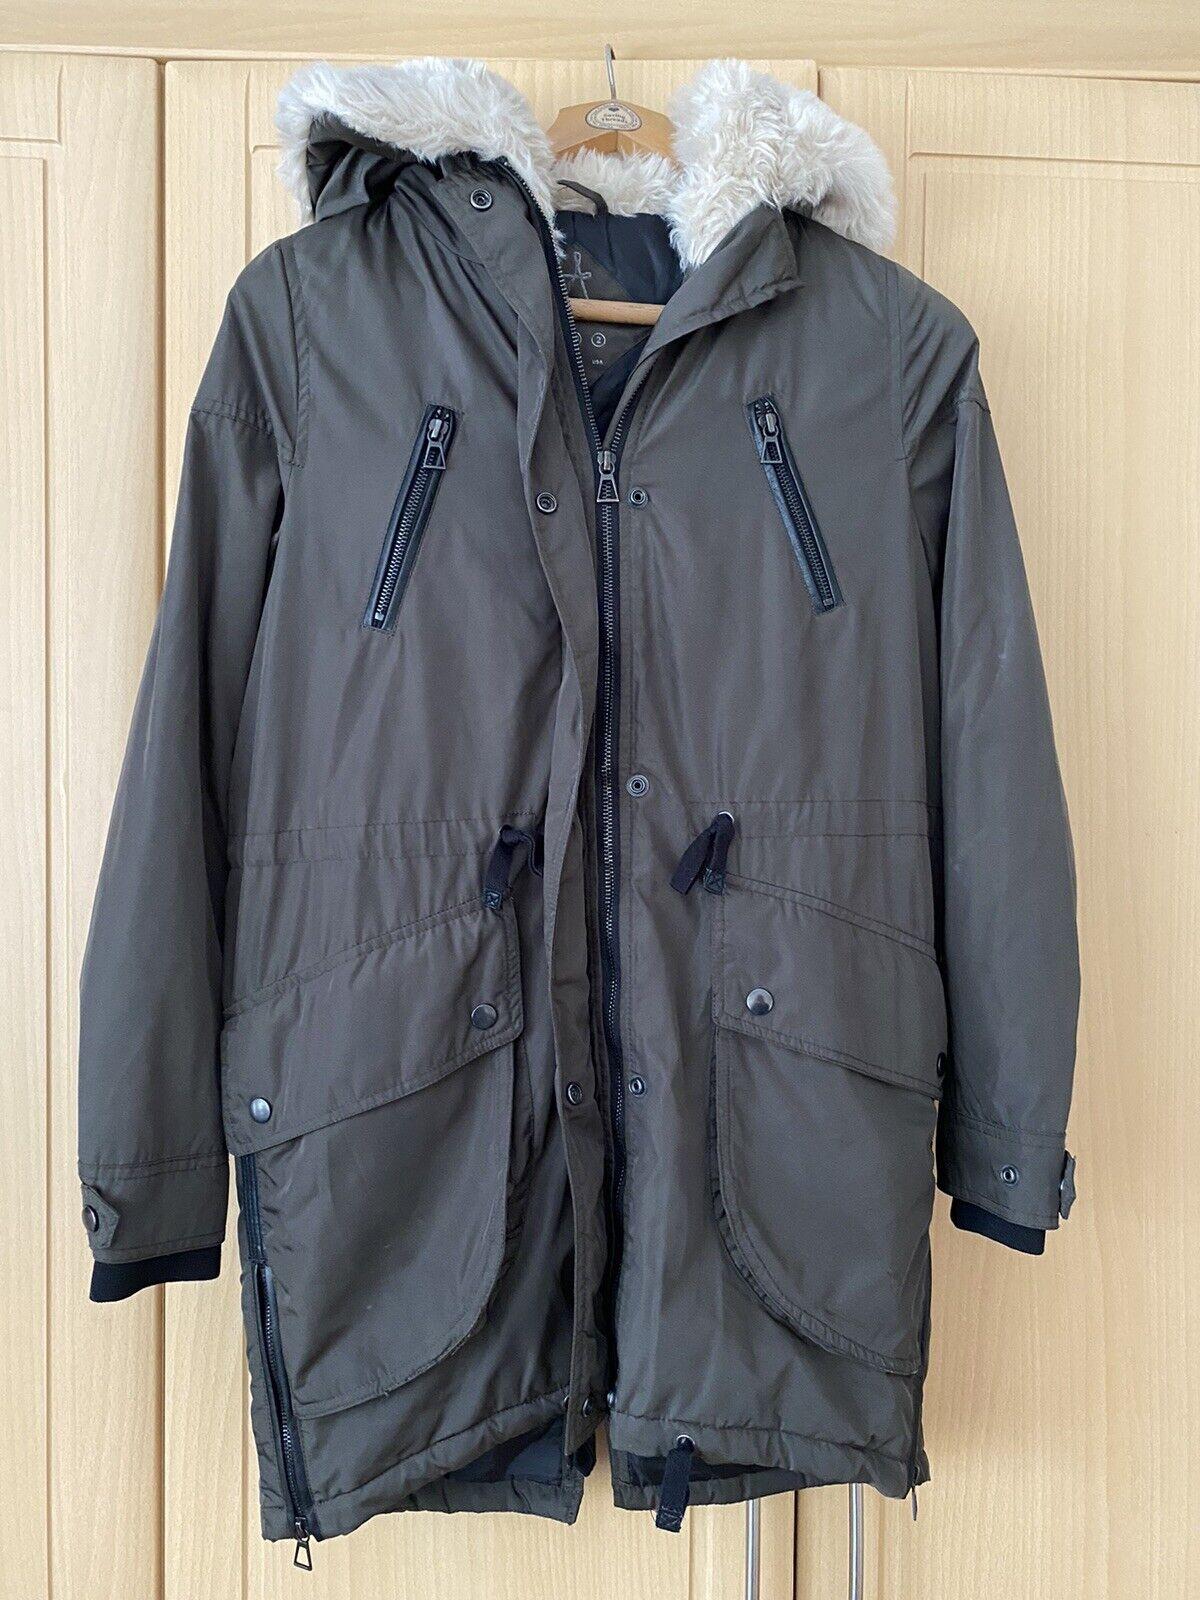 Ladies Parka Style Coat Size 6, Khaki ❤️benefits Charity ❤️